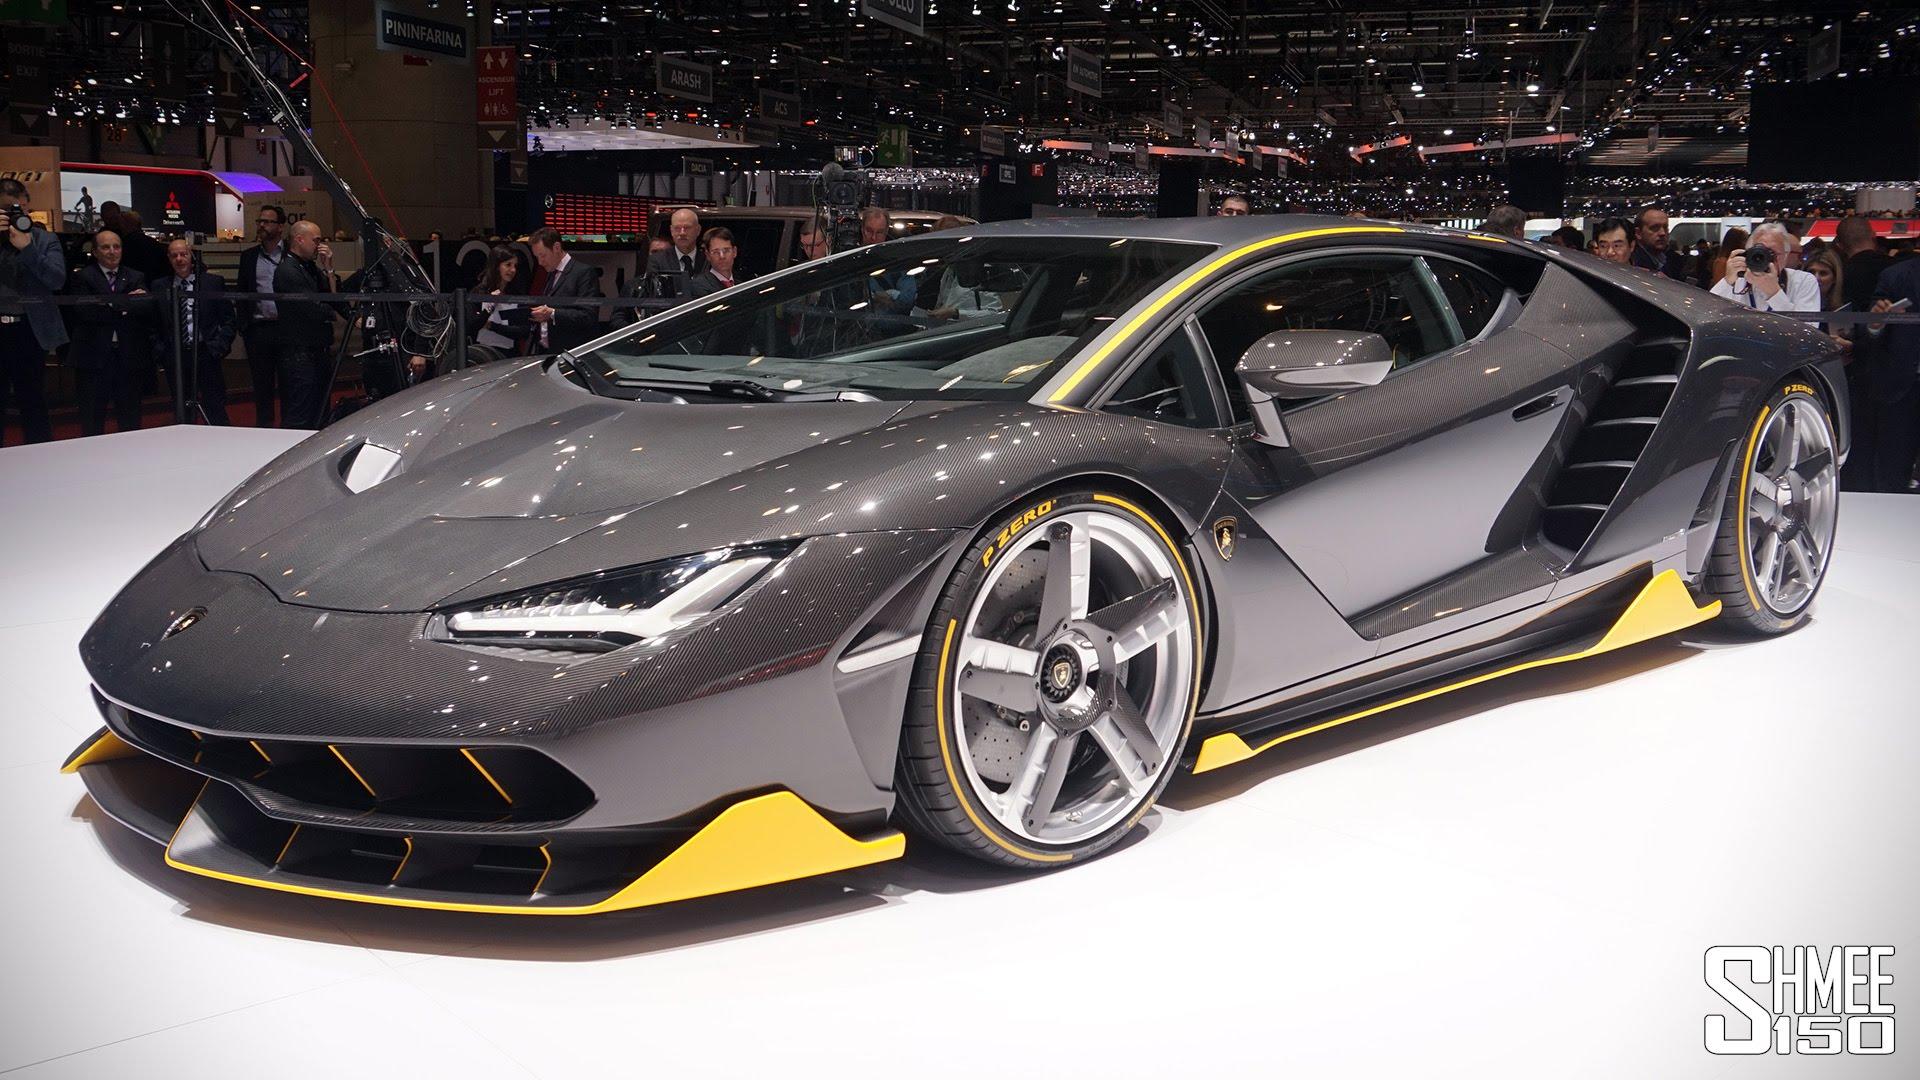 This Is The Amazing Lamborghini Centenario Techgenez